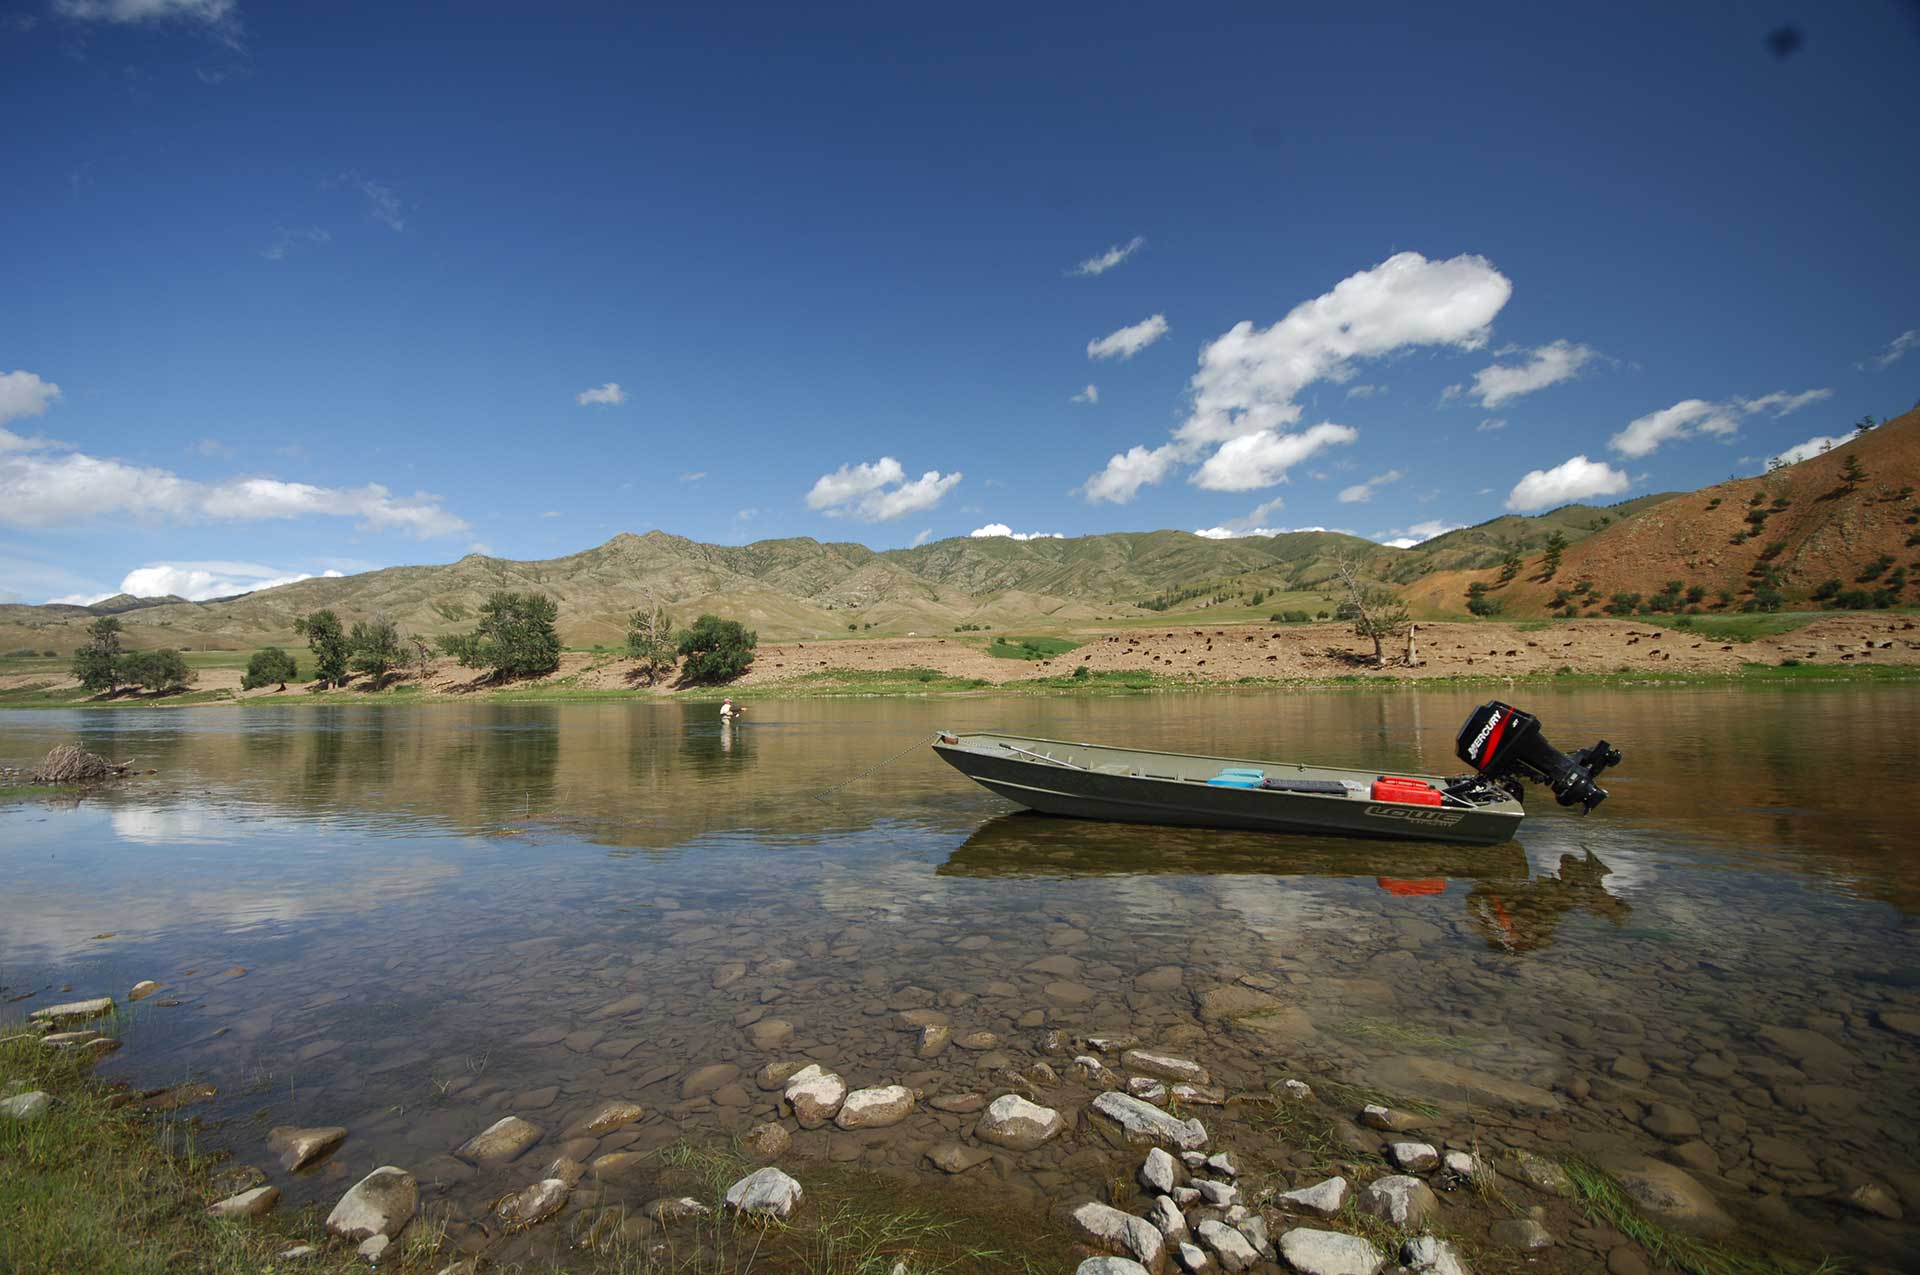 Mongolie Lodge Gal Pac Voyages de pêche